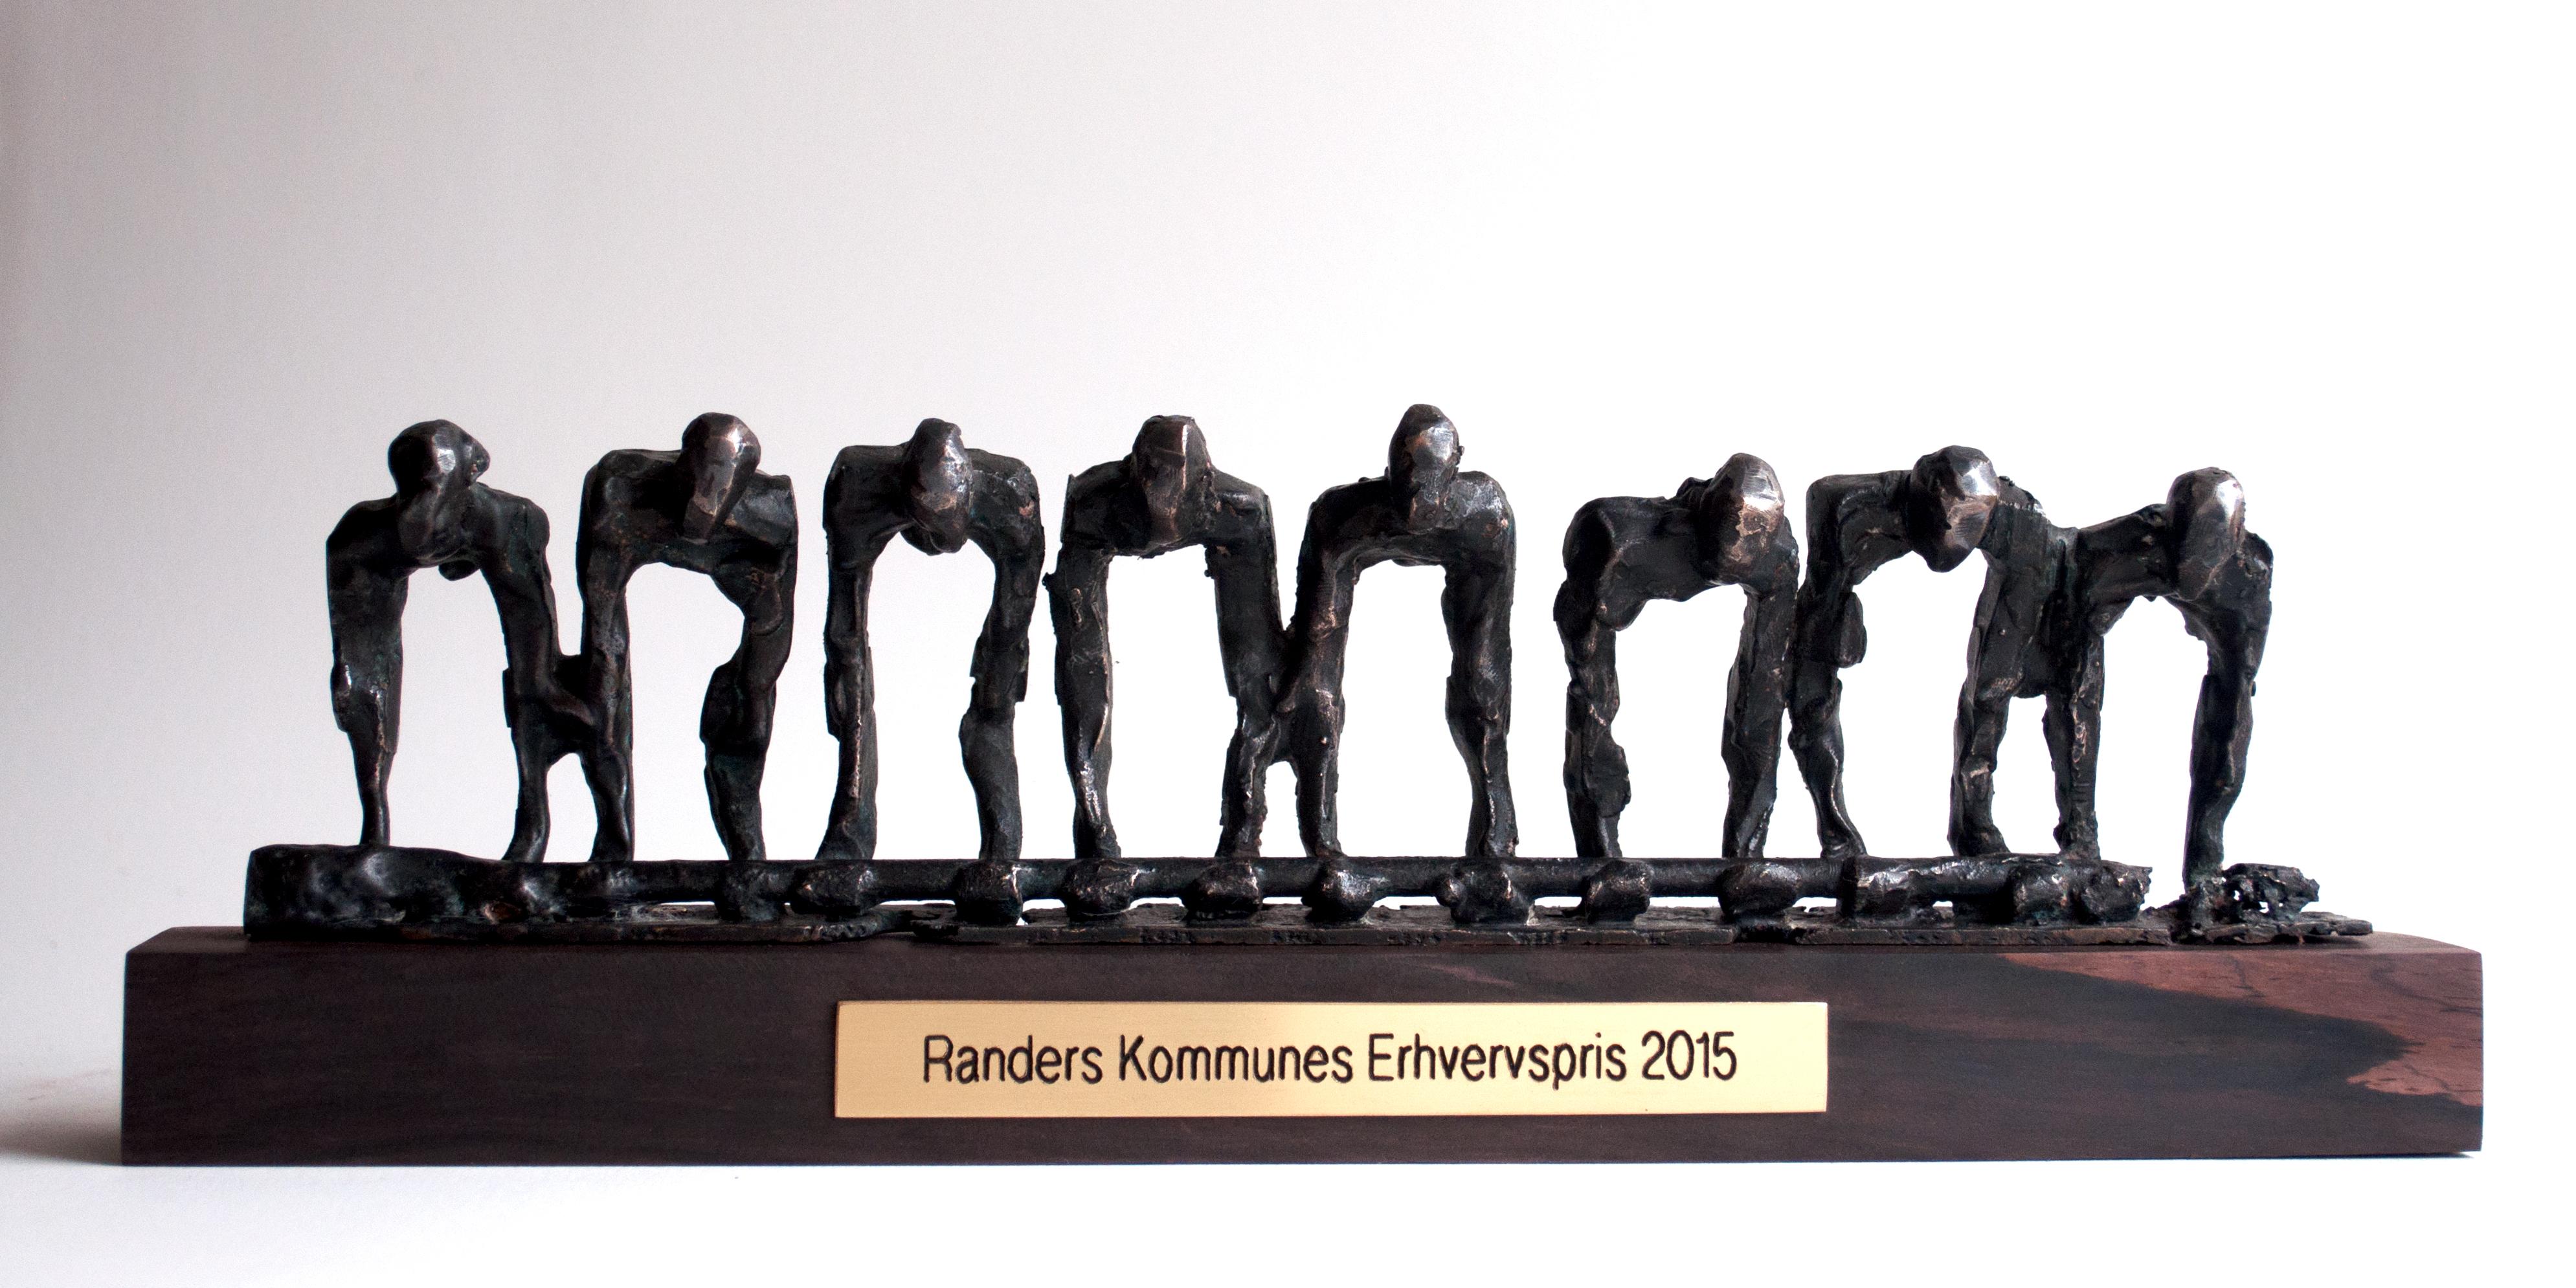 // Randers Kommunes Erhvervspris 2015